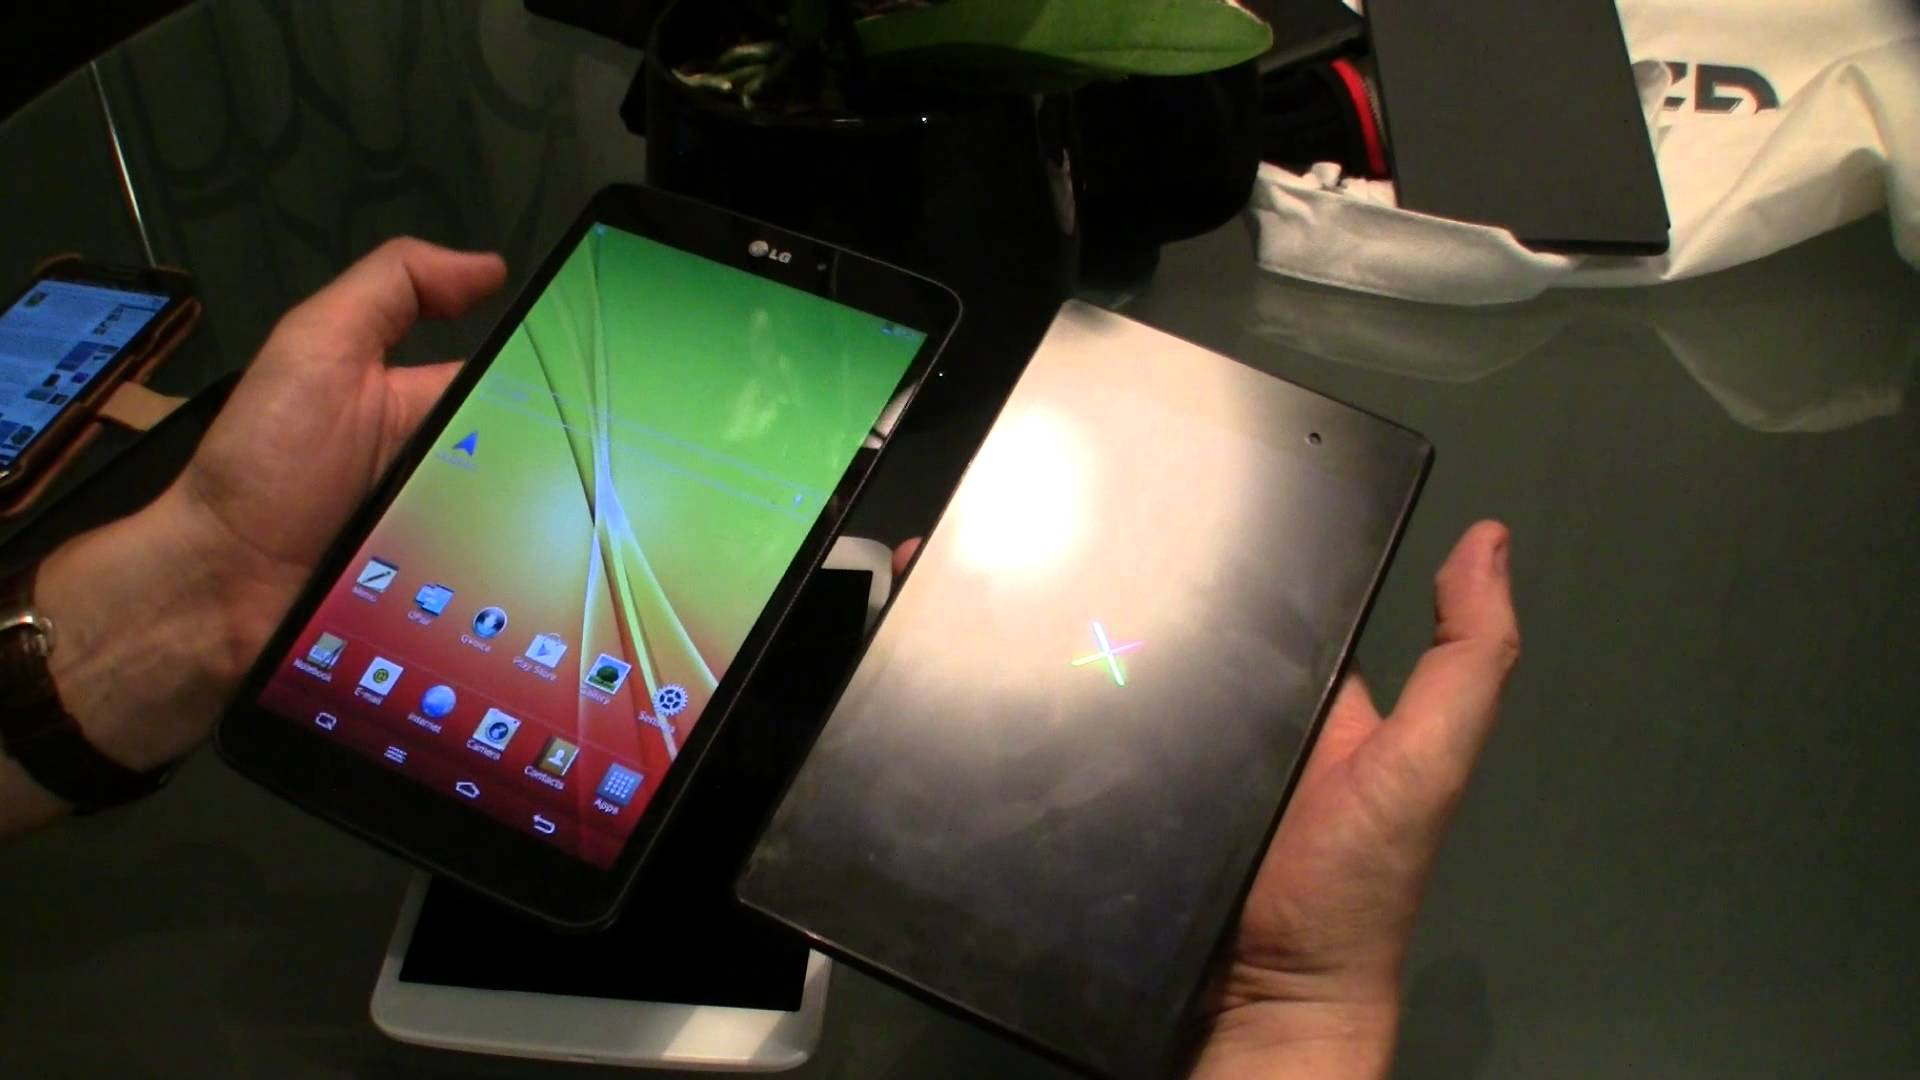 IFA: LG G Pad 8.3 im Hands-on und Vergleich mit iPad mini und Nexus 7